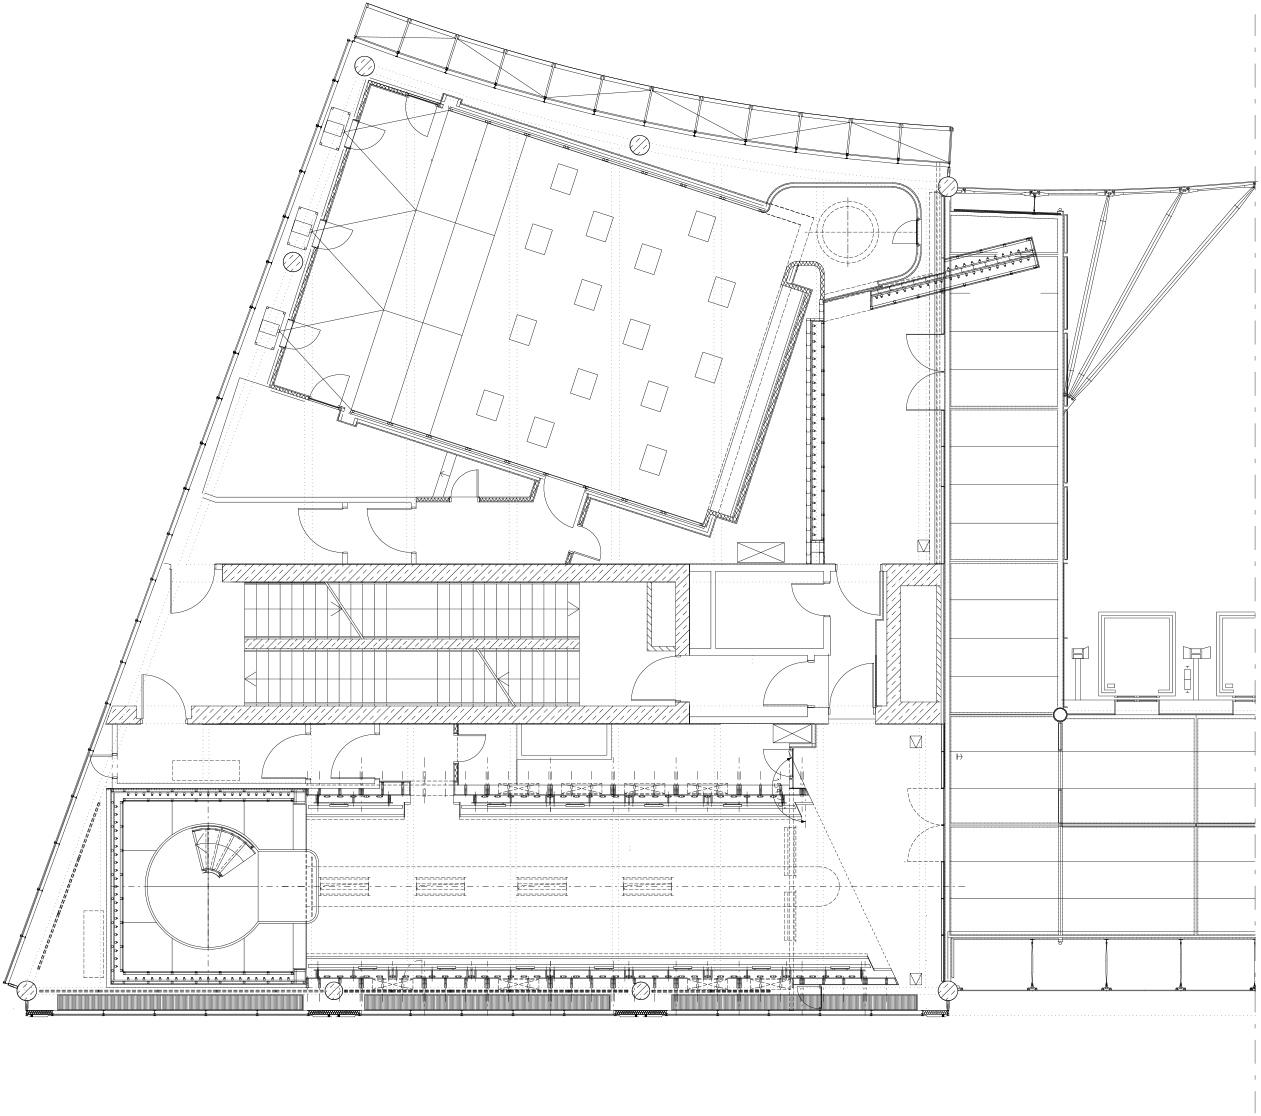 Grundriss erstes von insgesamt 3 Teilgeschossen